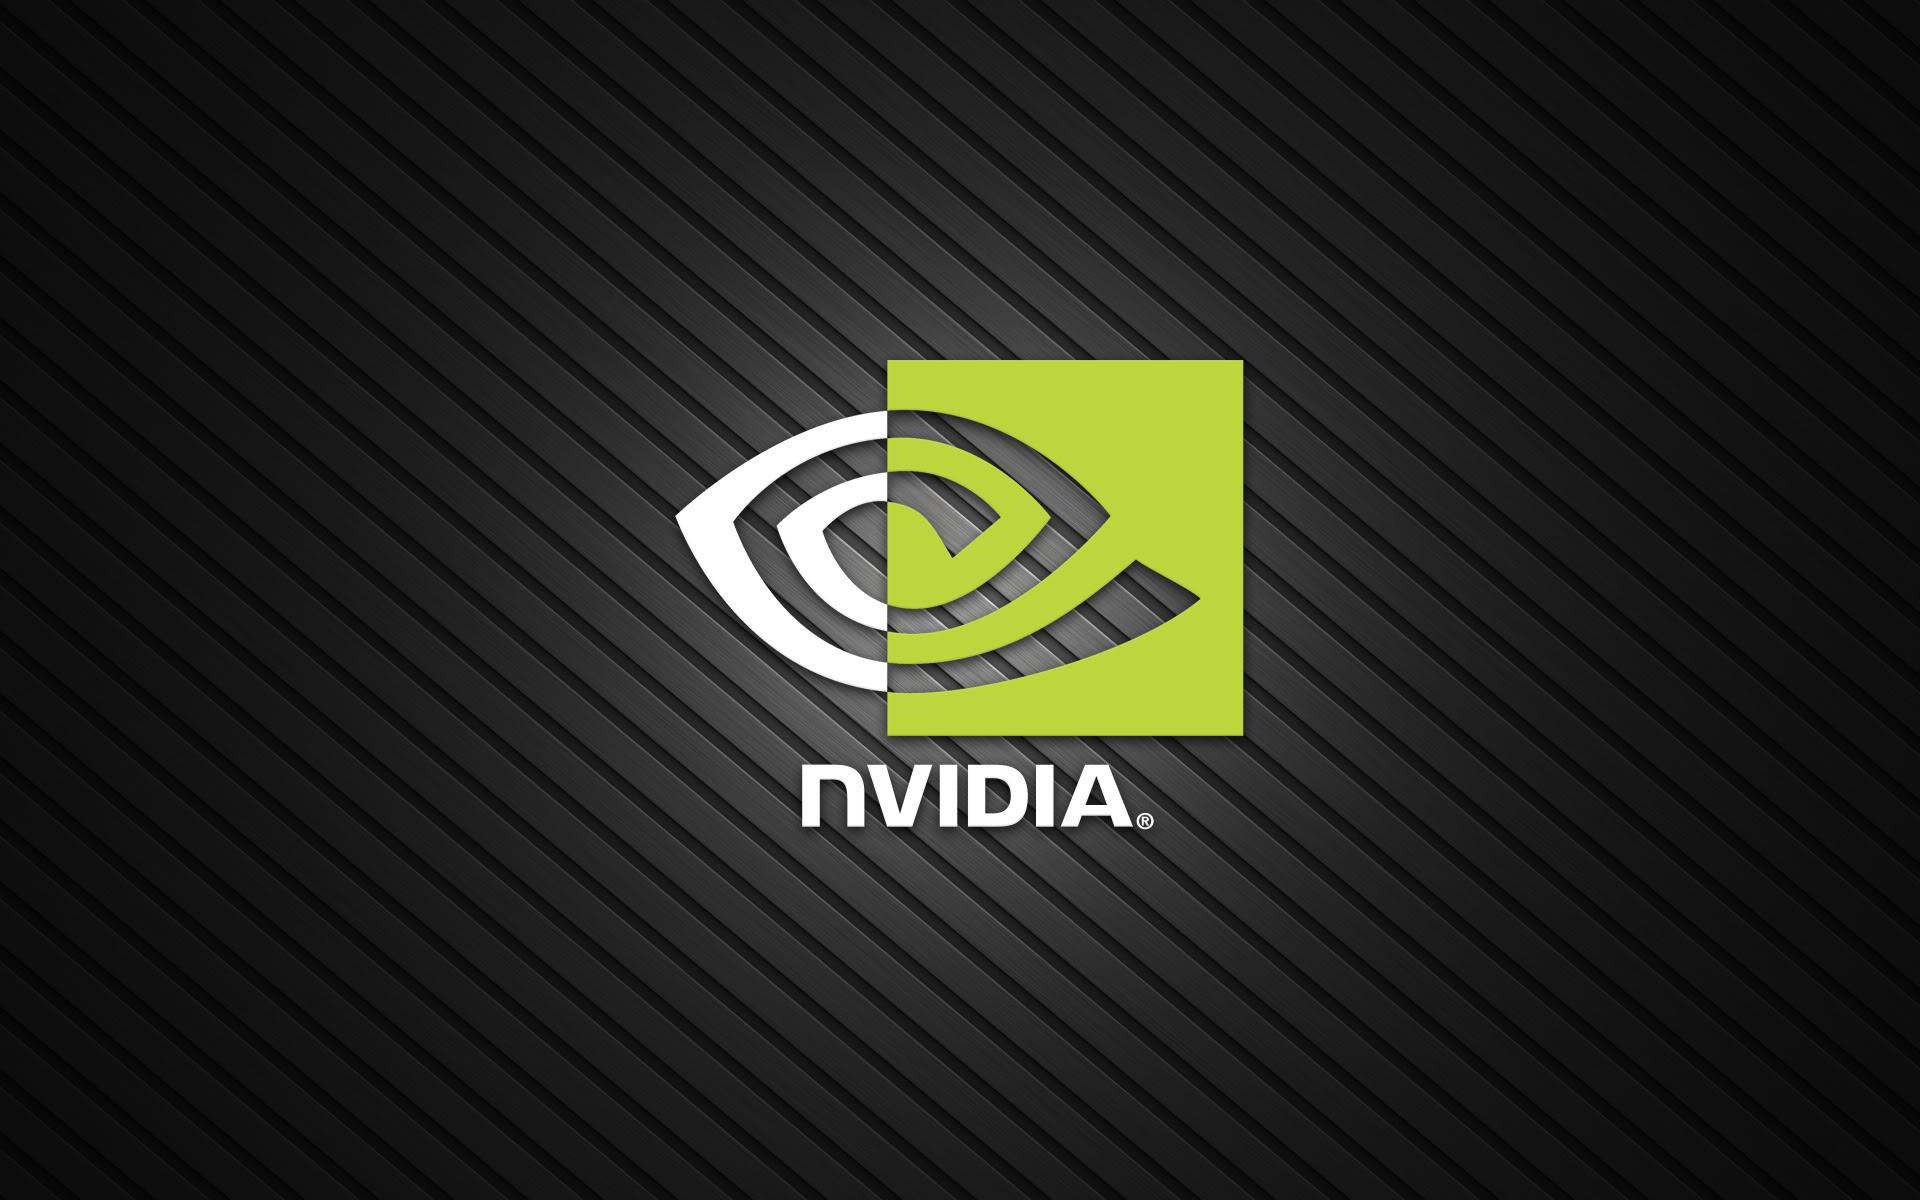 Nvidia Wallpaper #6970228